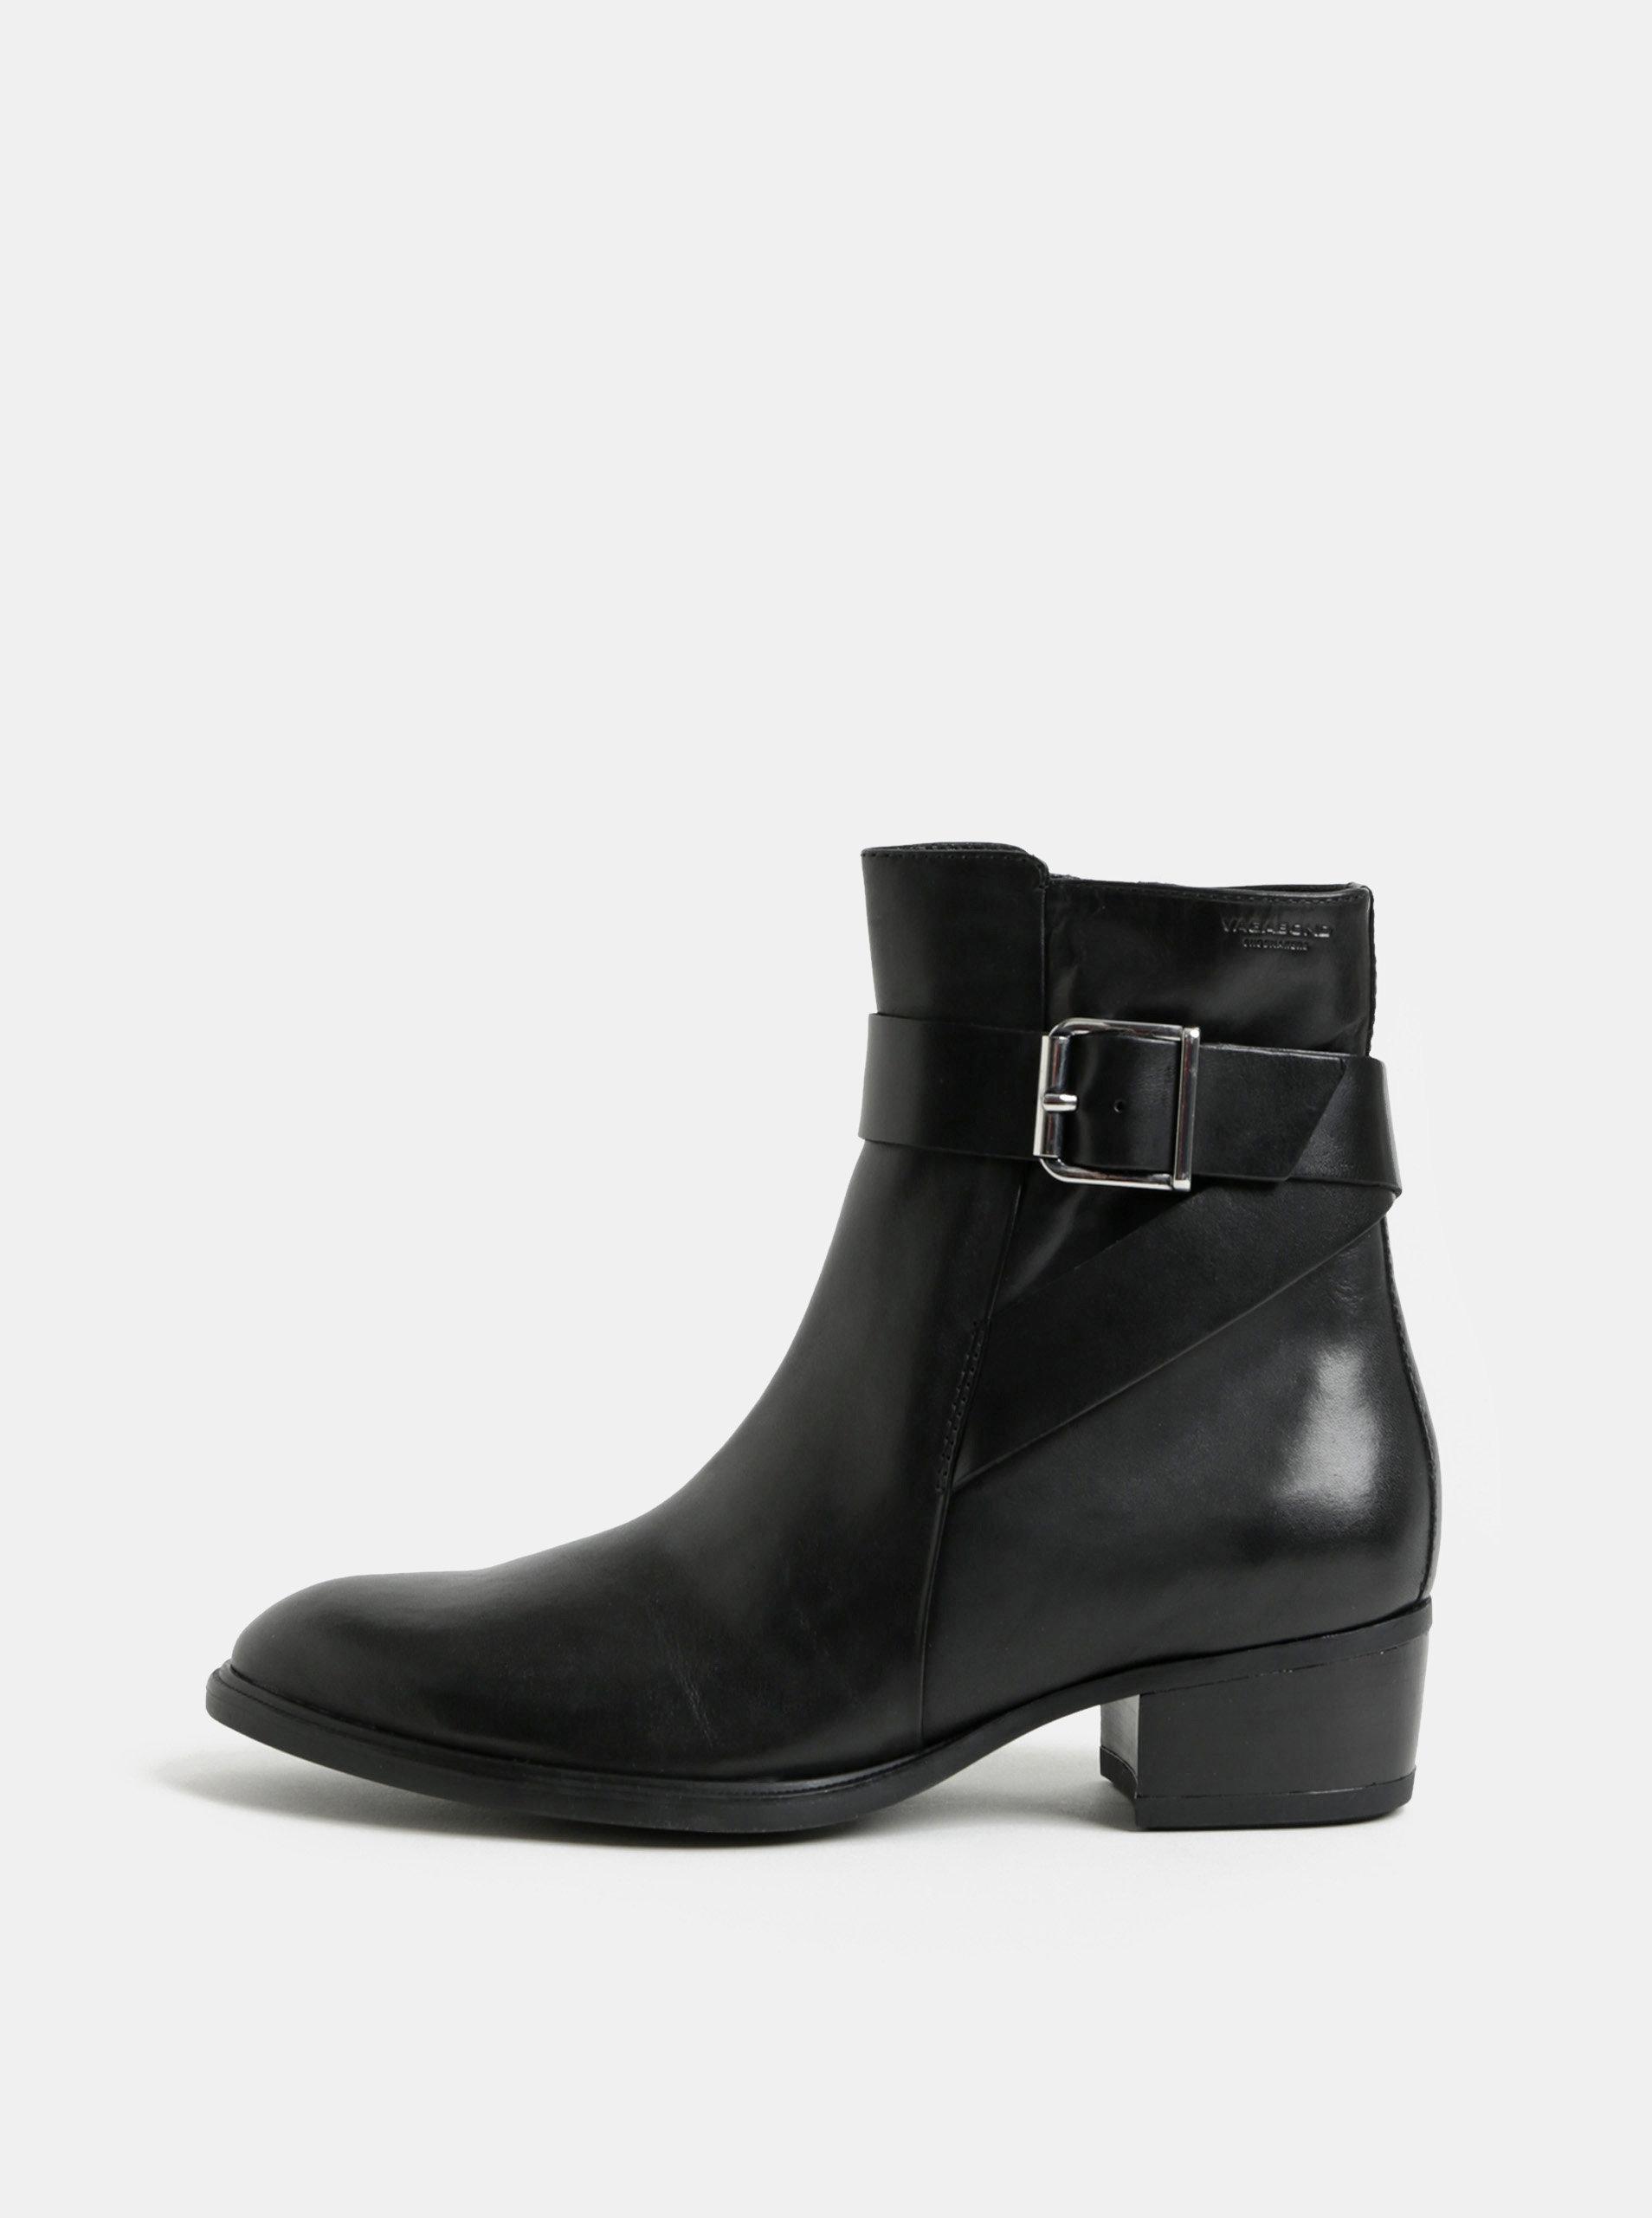 d12979db76 Čierne dámske kožené členkové topánky Vagabond Meja ...